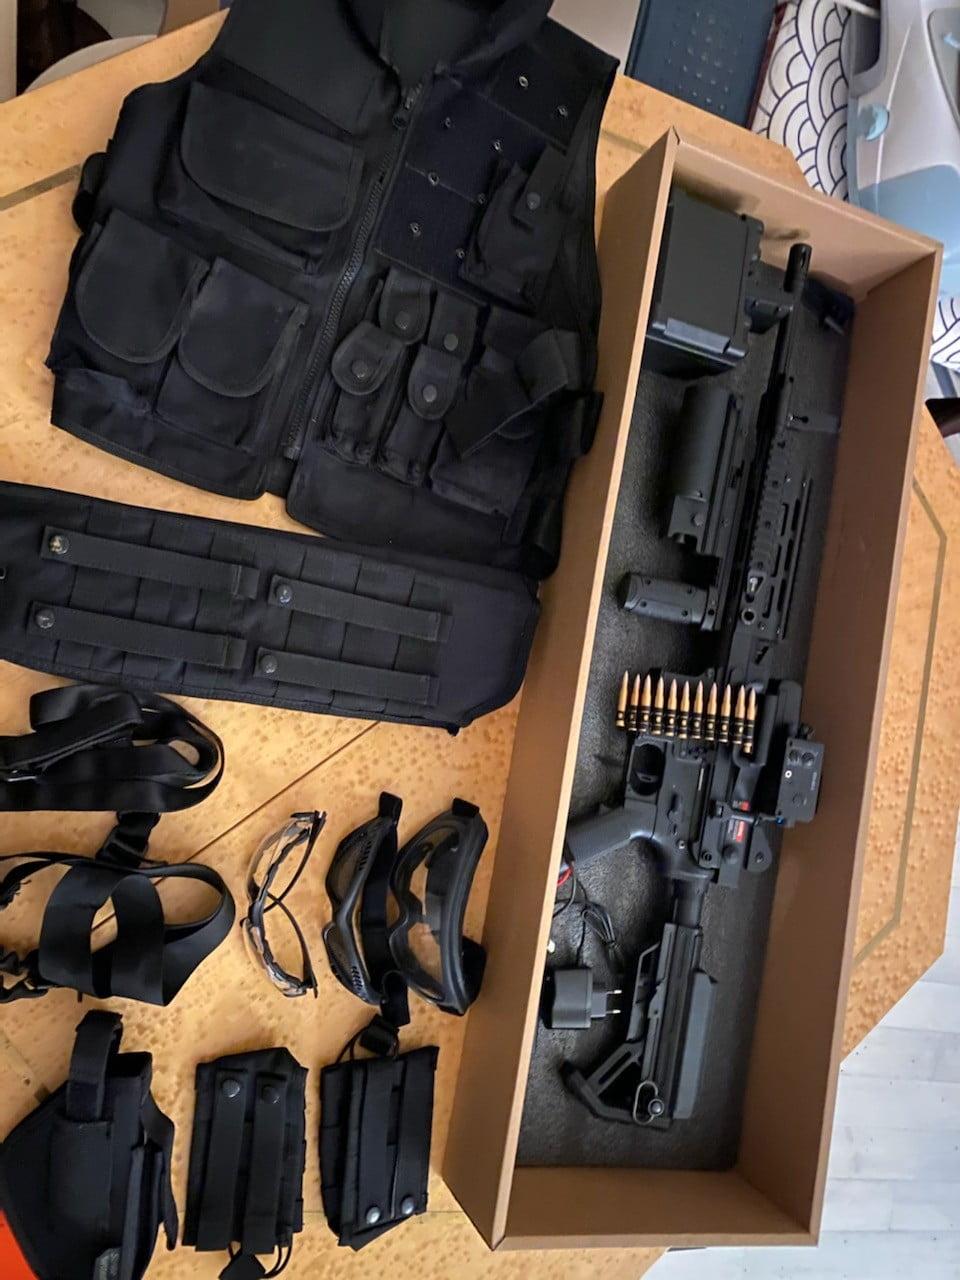 Ge6670 + ensemble d'équipements